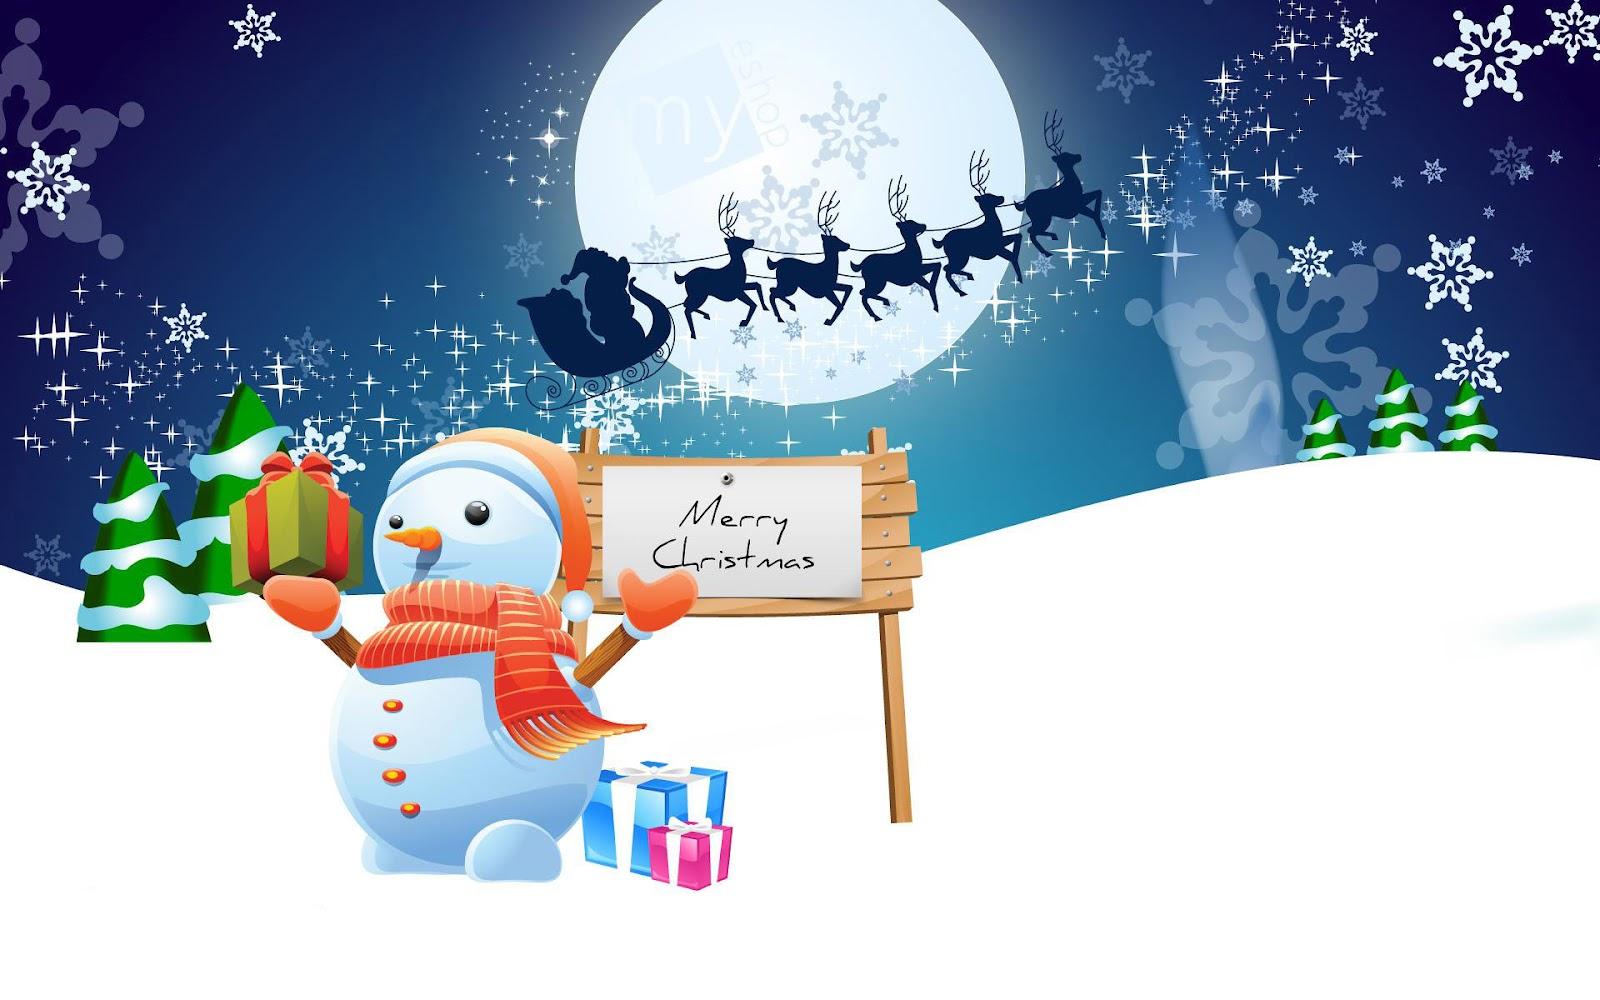 http://2.bp.blogspot.com/-R4W98sD4_ac/UDpXQ-S-D2I/AAAAAAAABPM/YDVJ2X9ySpU/s1600/hd-3d-kerst-wallpaper-met-3d-sneeuwpop-en-de-kerstman-met-slee-en-rendieren-hd-kerst-achtergrond.jpg